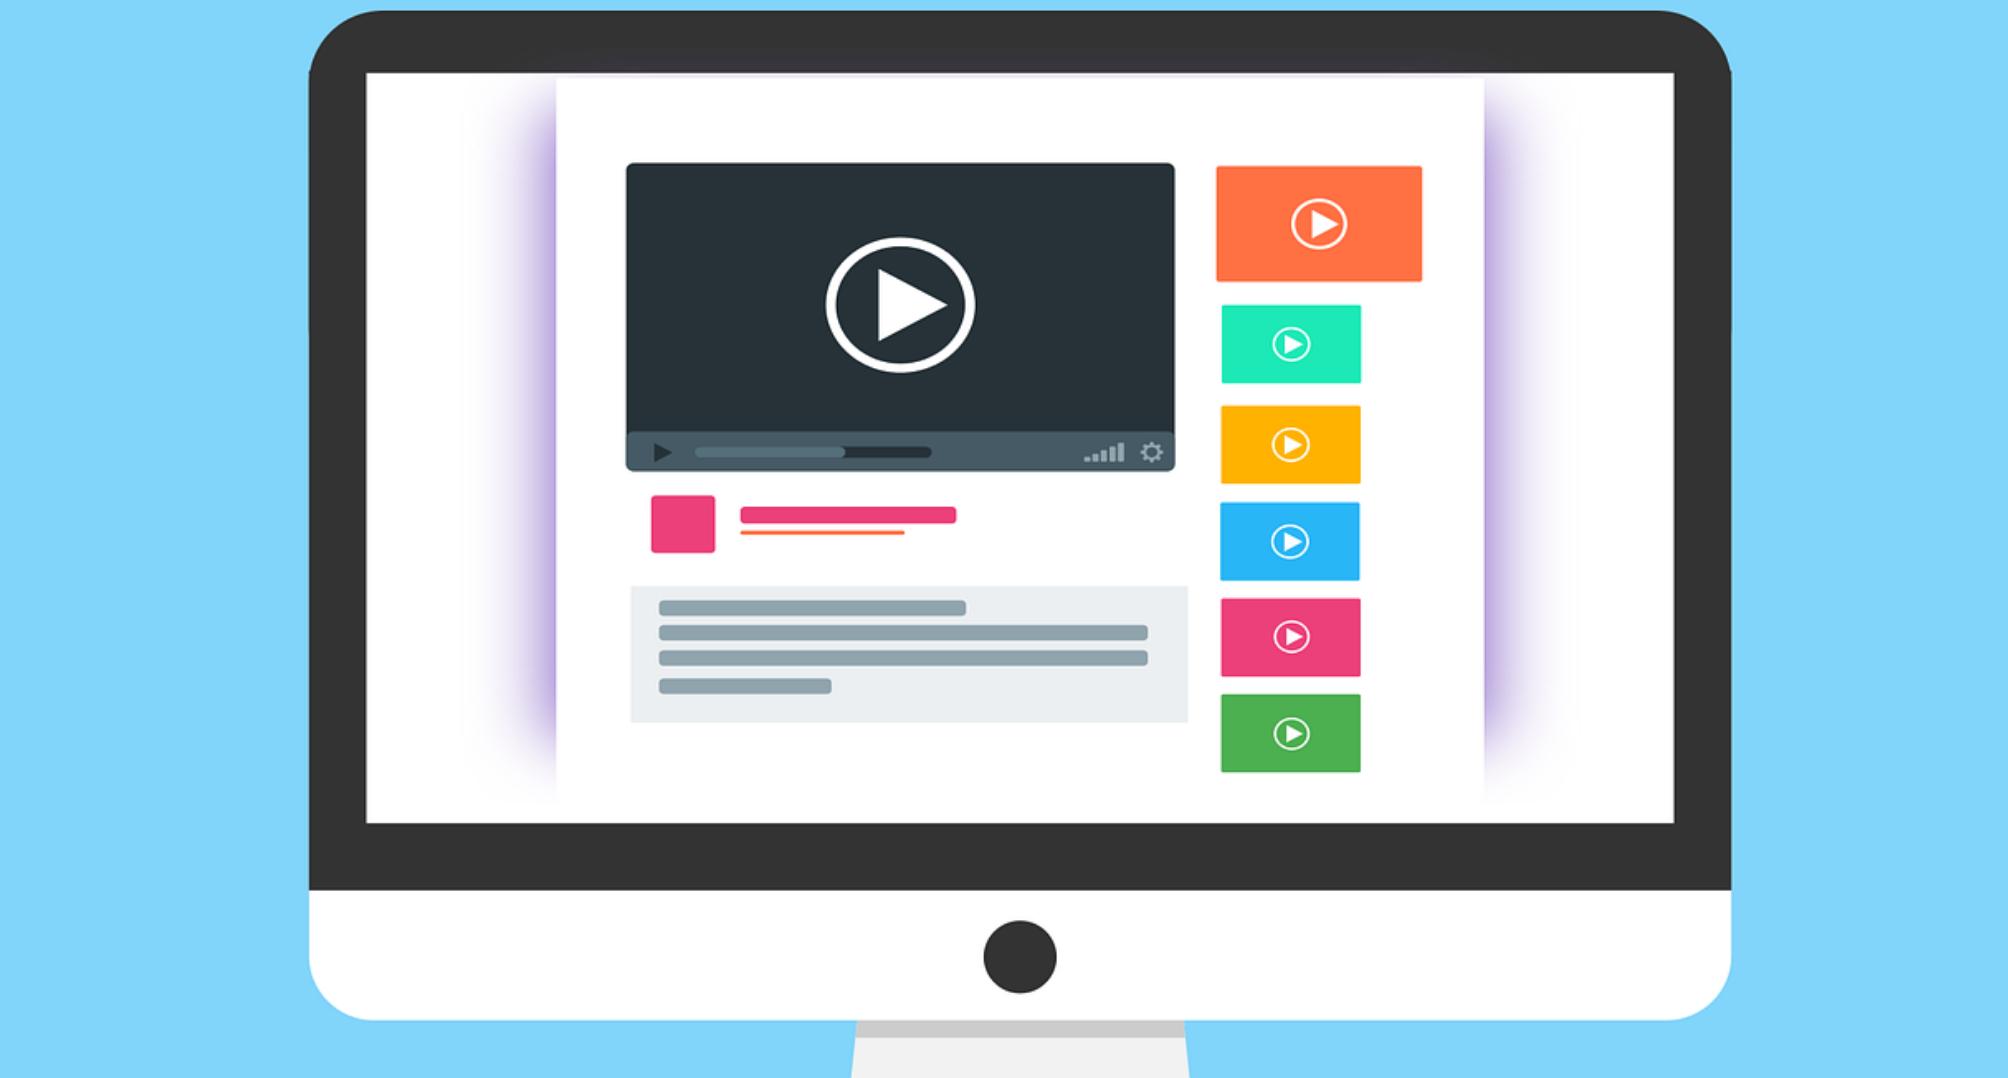 IAB Europe – Attitudes to Digital Video Advertising Report: il digital video advertising è ormai parte integrante delle strategie cross-screen